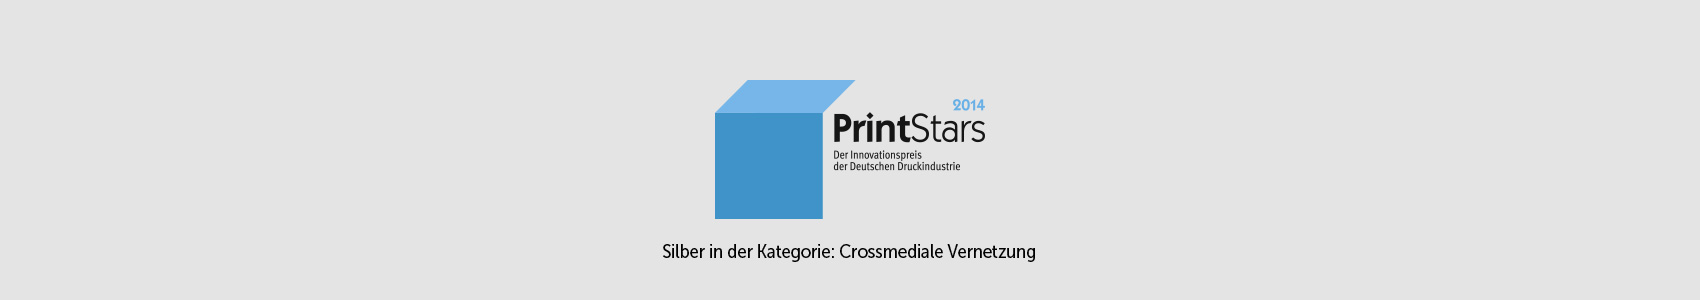 Slider_Awards_PS_Crossmediale-Vernetzung-2014_nm